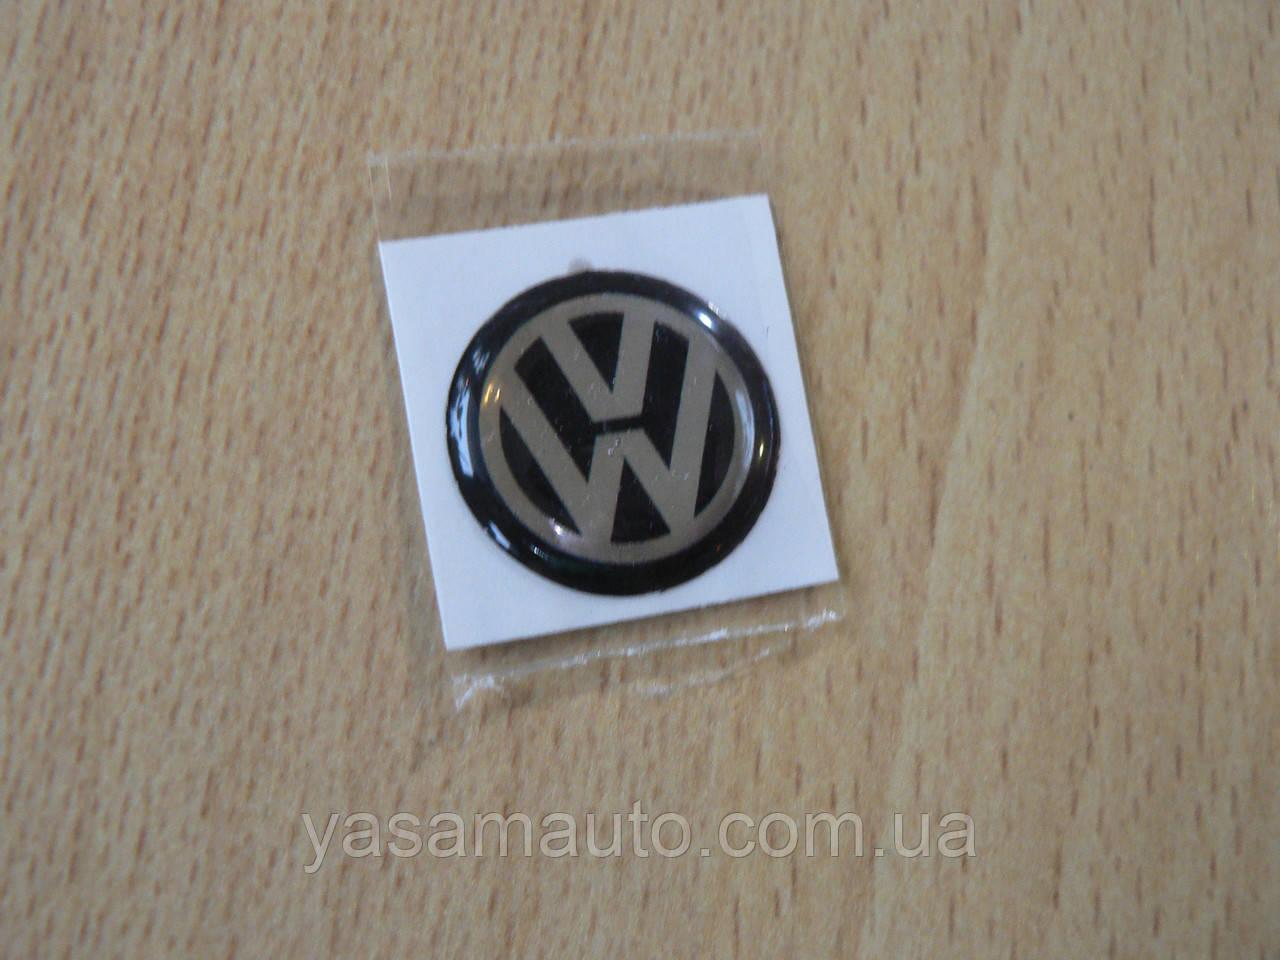 Наклейка s круглая Volkswagen 14х14х1.4мм черный фон силиконовая эмблема в круге на авто Волксваген сигнализац